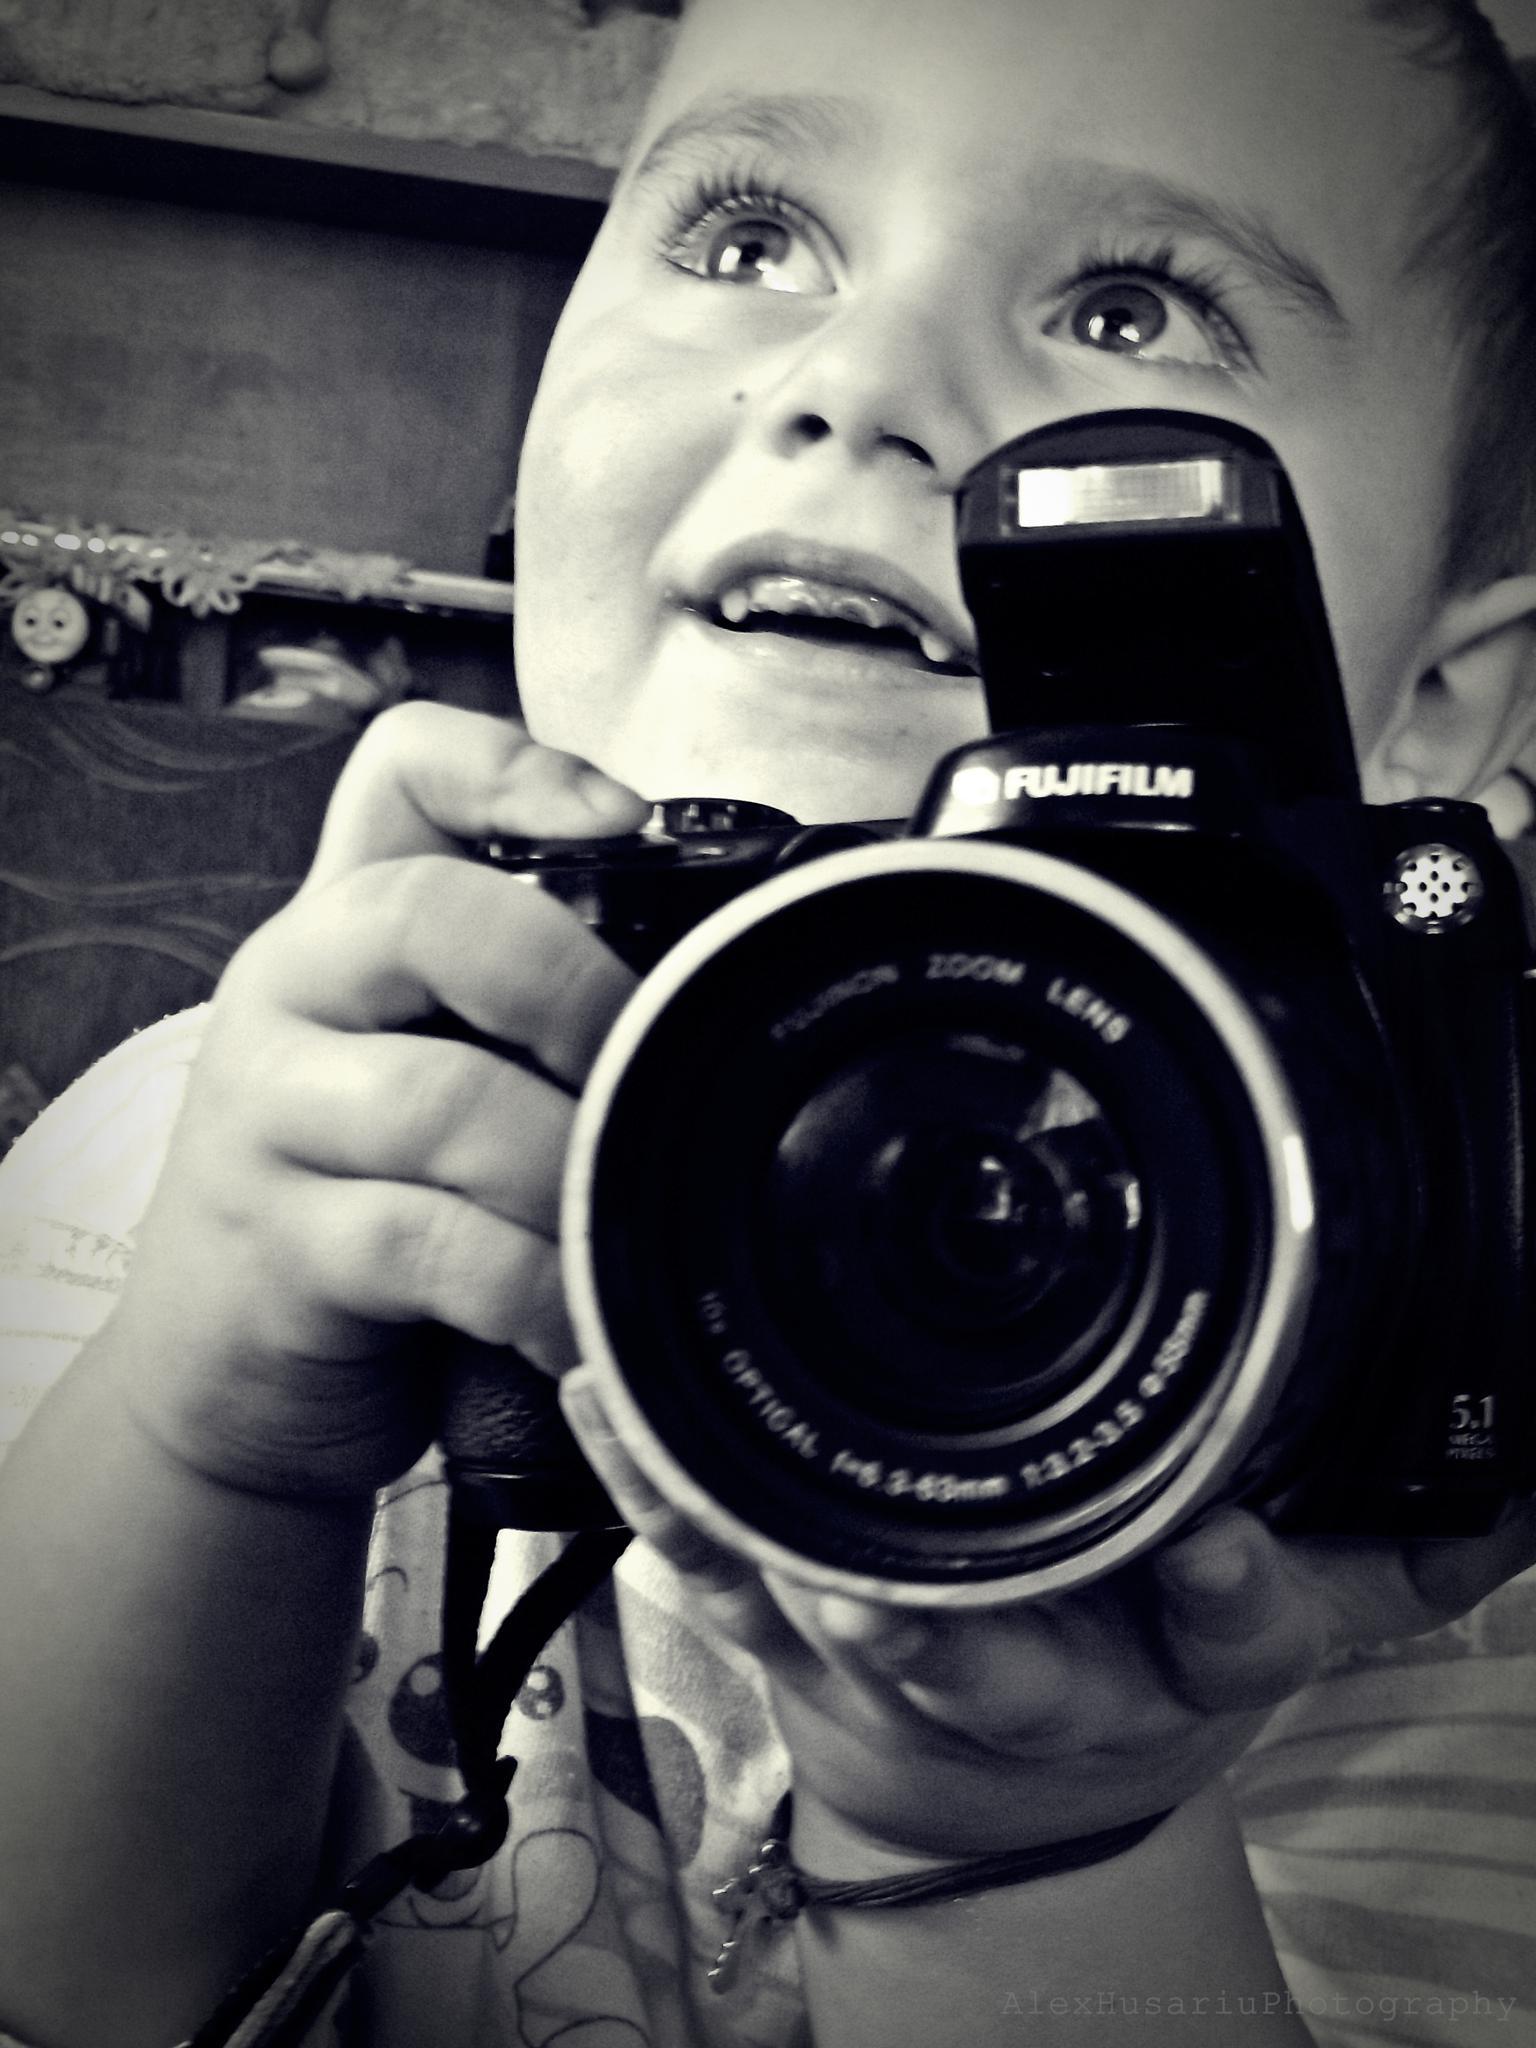 little photographer by Alex Ionut Husariu